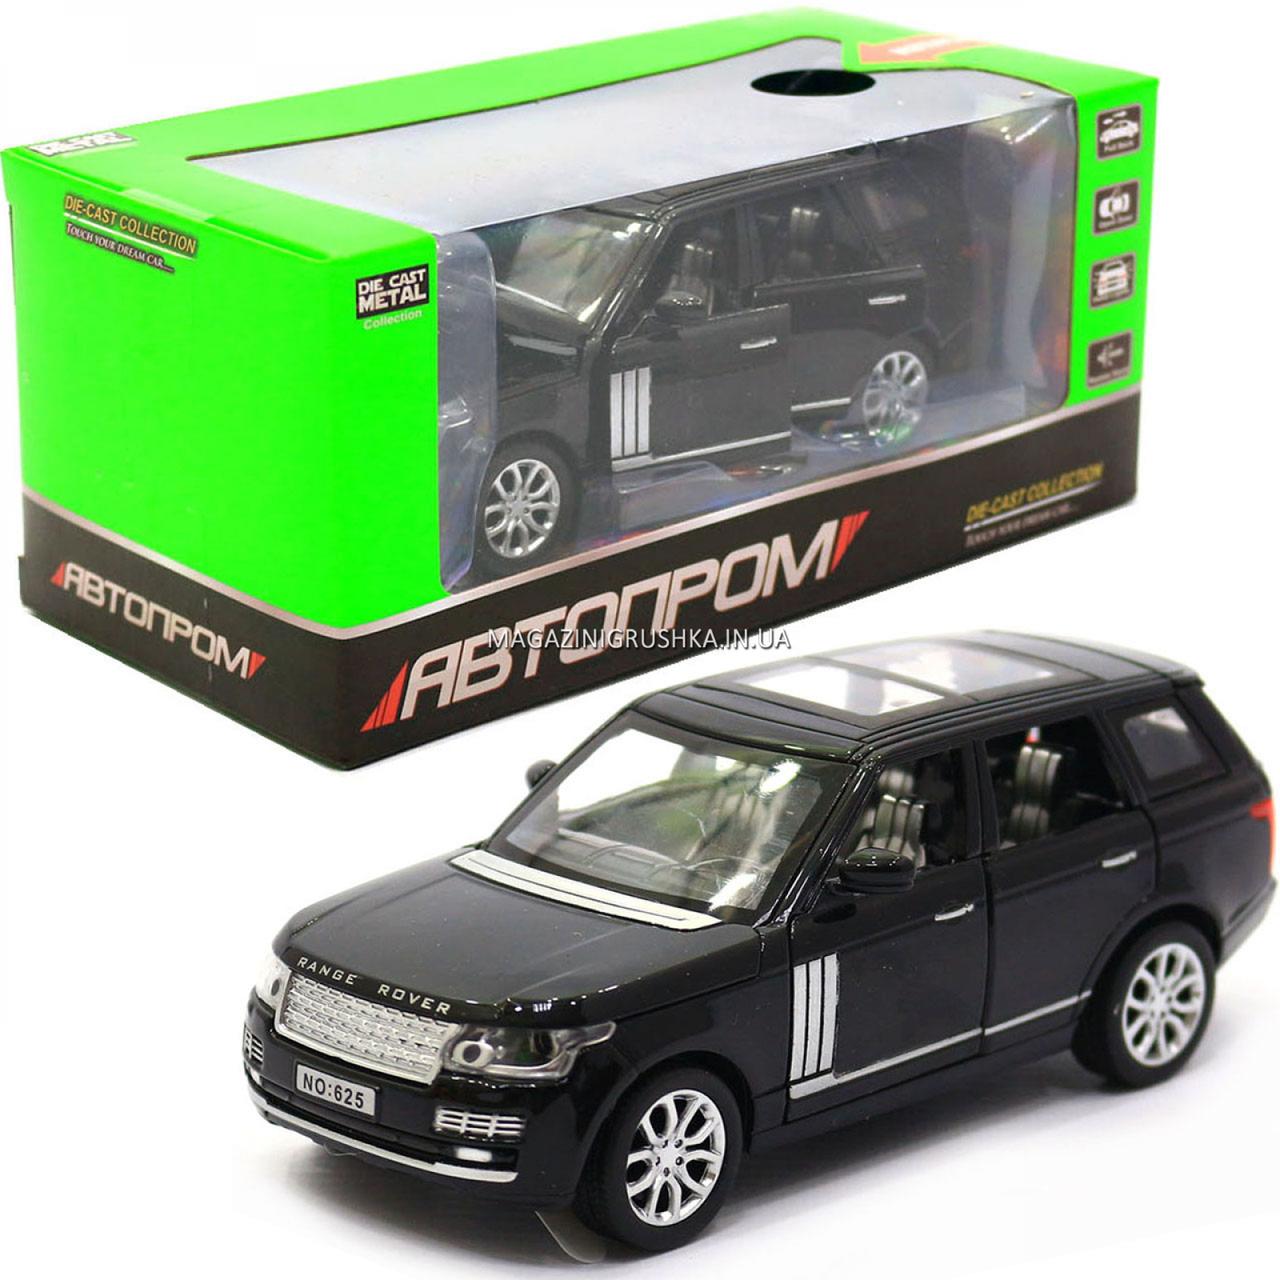 Машинка ігрова автопром «Range Rover» джип, метал, 15 см, чорний (світло, звук, двері відкриваються) 7639